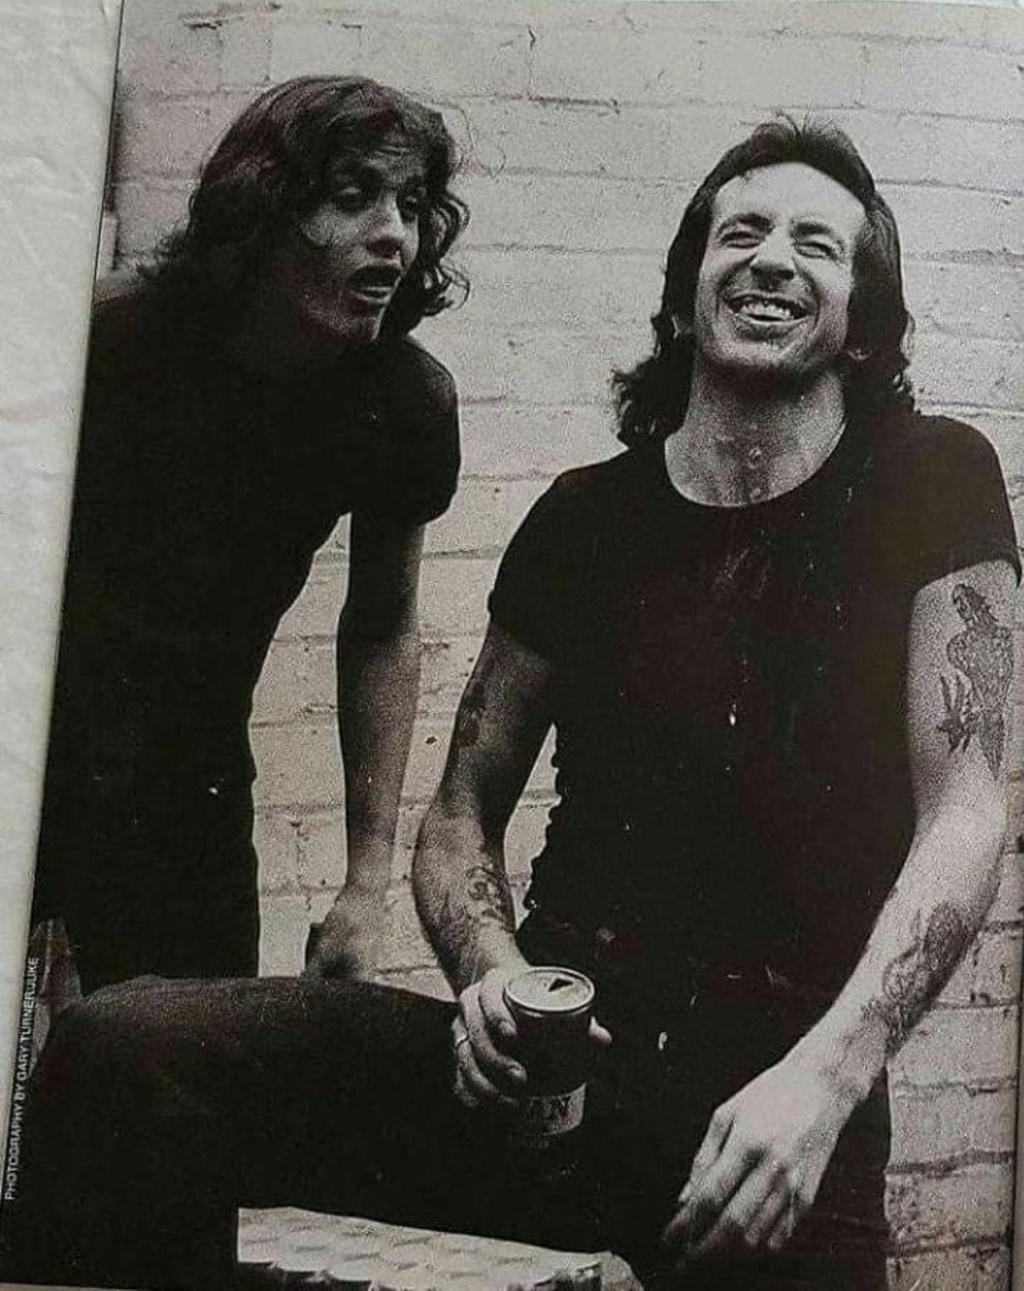 NO FELIPING: los discos de AC/DC de peor a mejor - Página 2 42fb8d10